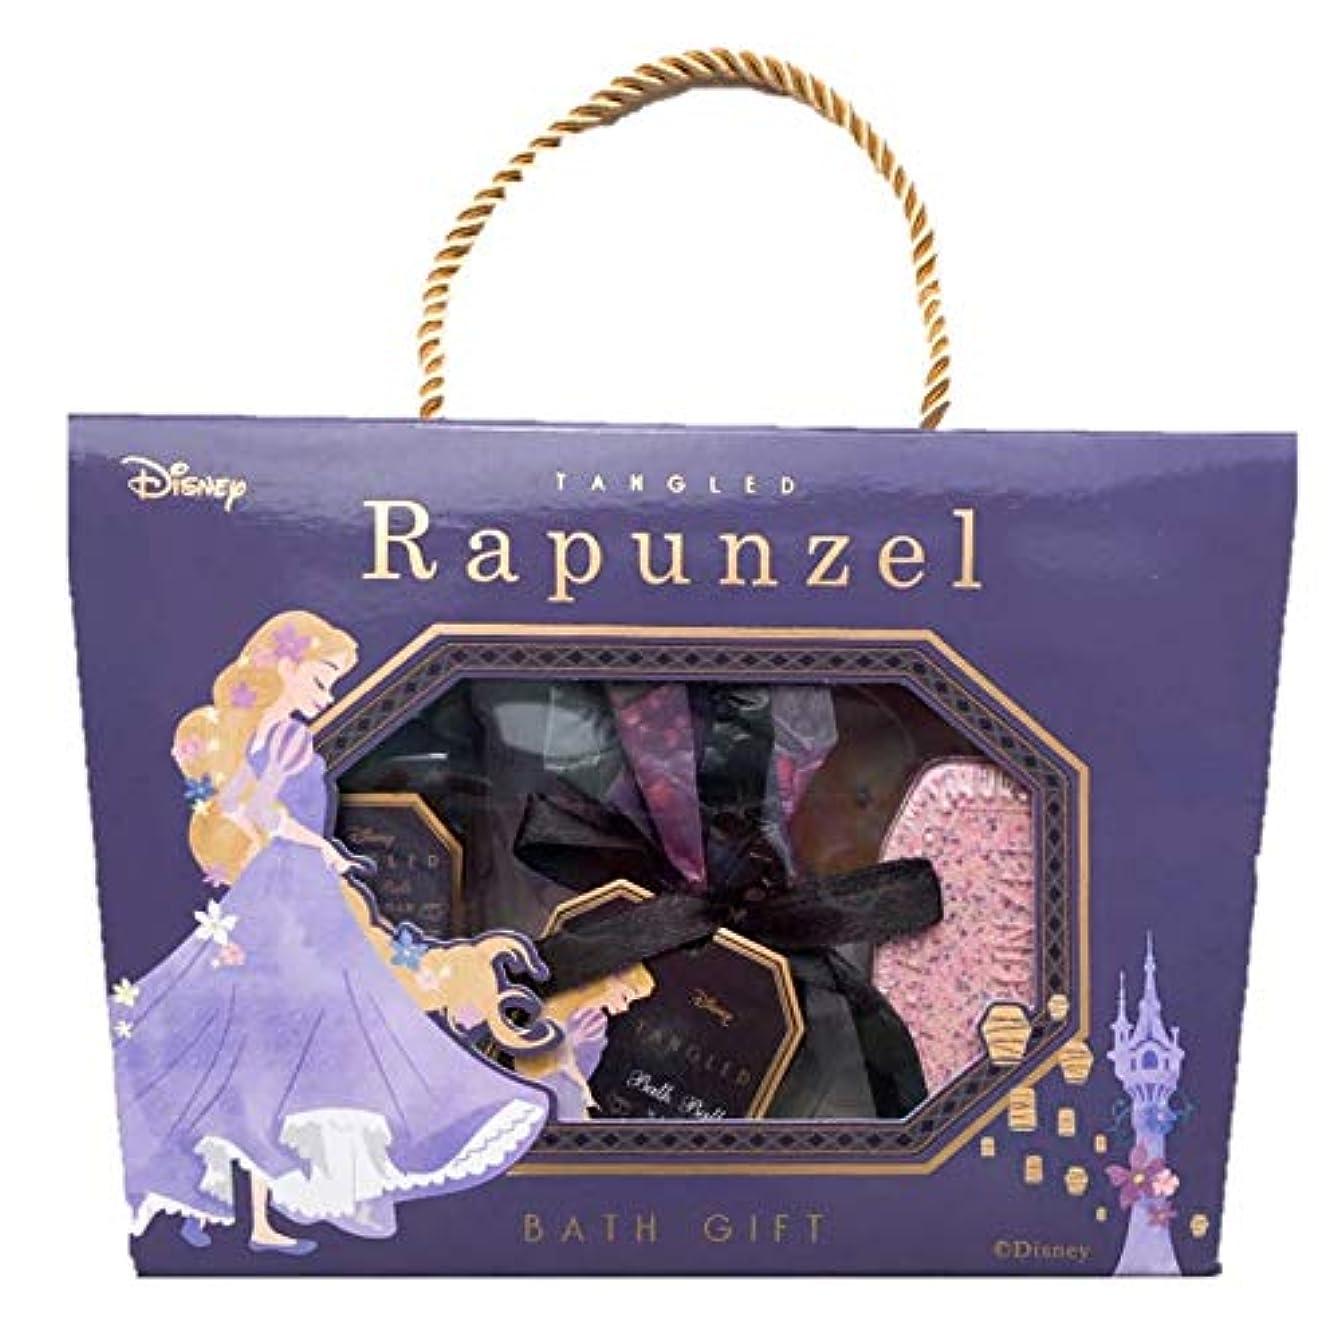 けがをするステッチ浅いディズニー(Disney)SHO-BI バスギフトM ギフトセット ラプンツェル ディズニープリンセス 塔の上のラプンツェル 入浴剤 ギフト バスギフトセット プレゼント 大人 女の子 かわいい Rapunzel